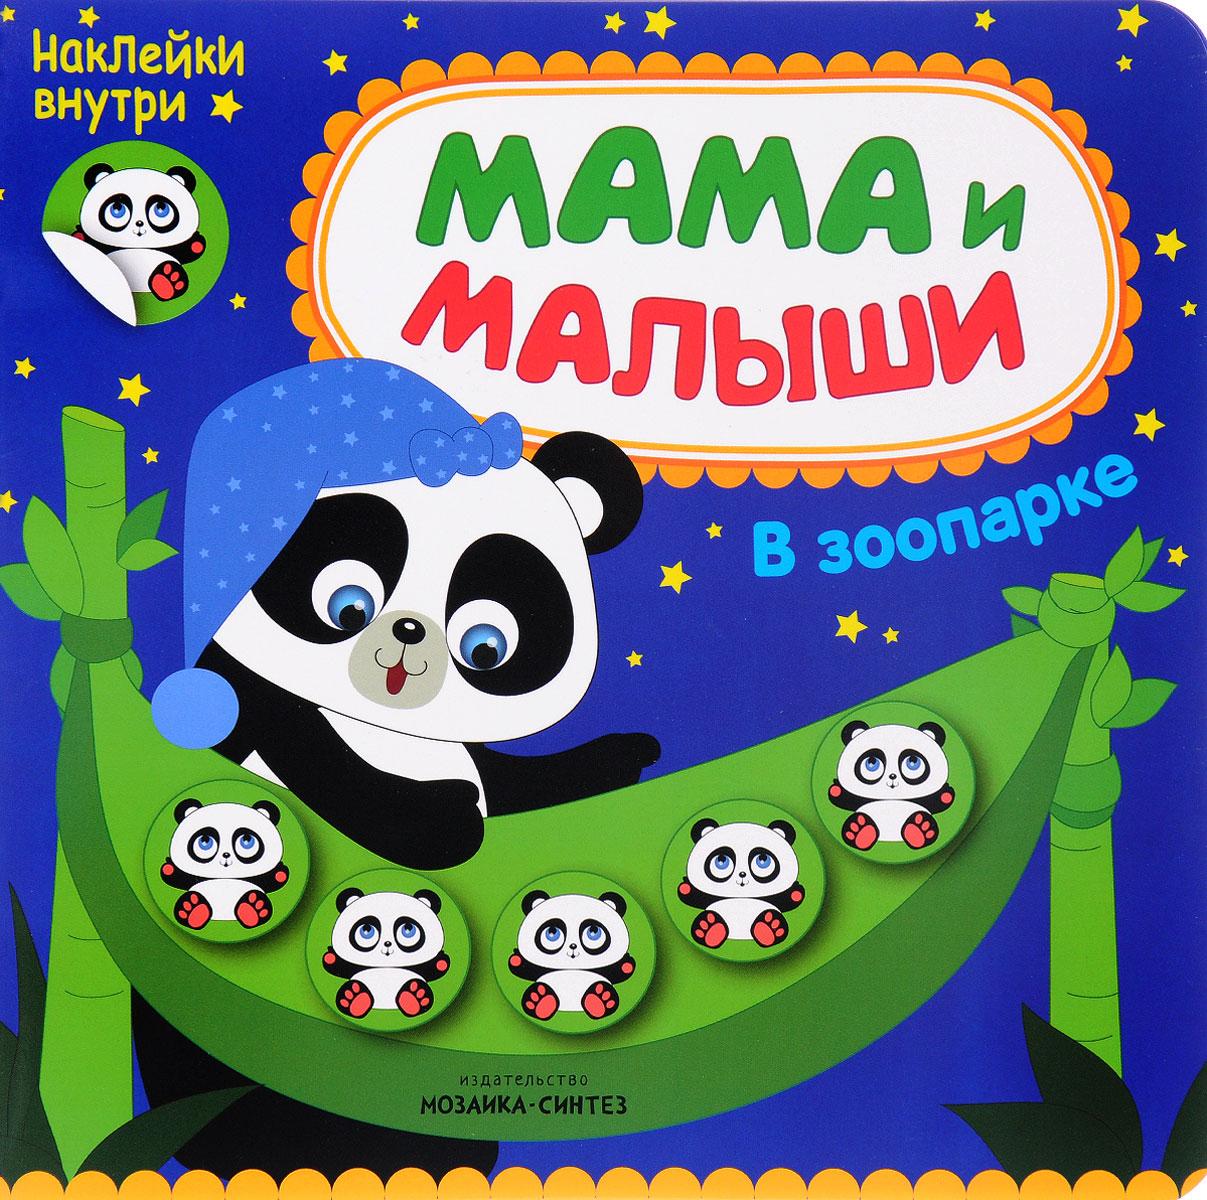 Мария Романова Мама и малыши. В зоопарке (+ наклейки) мария романова мама и малыши в деревне наклейки